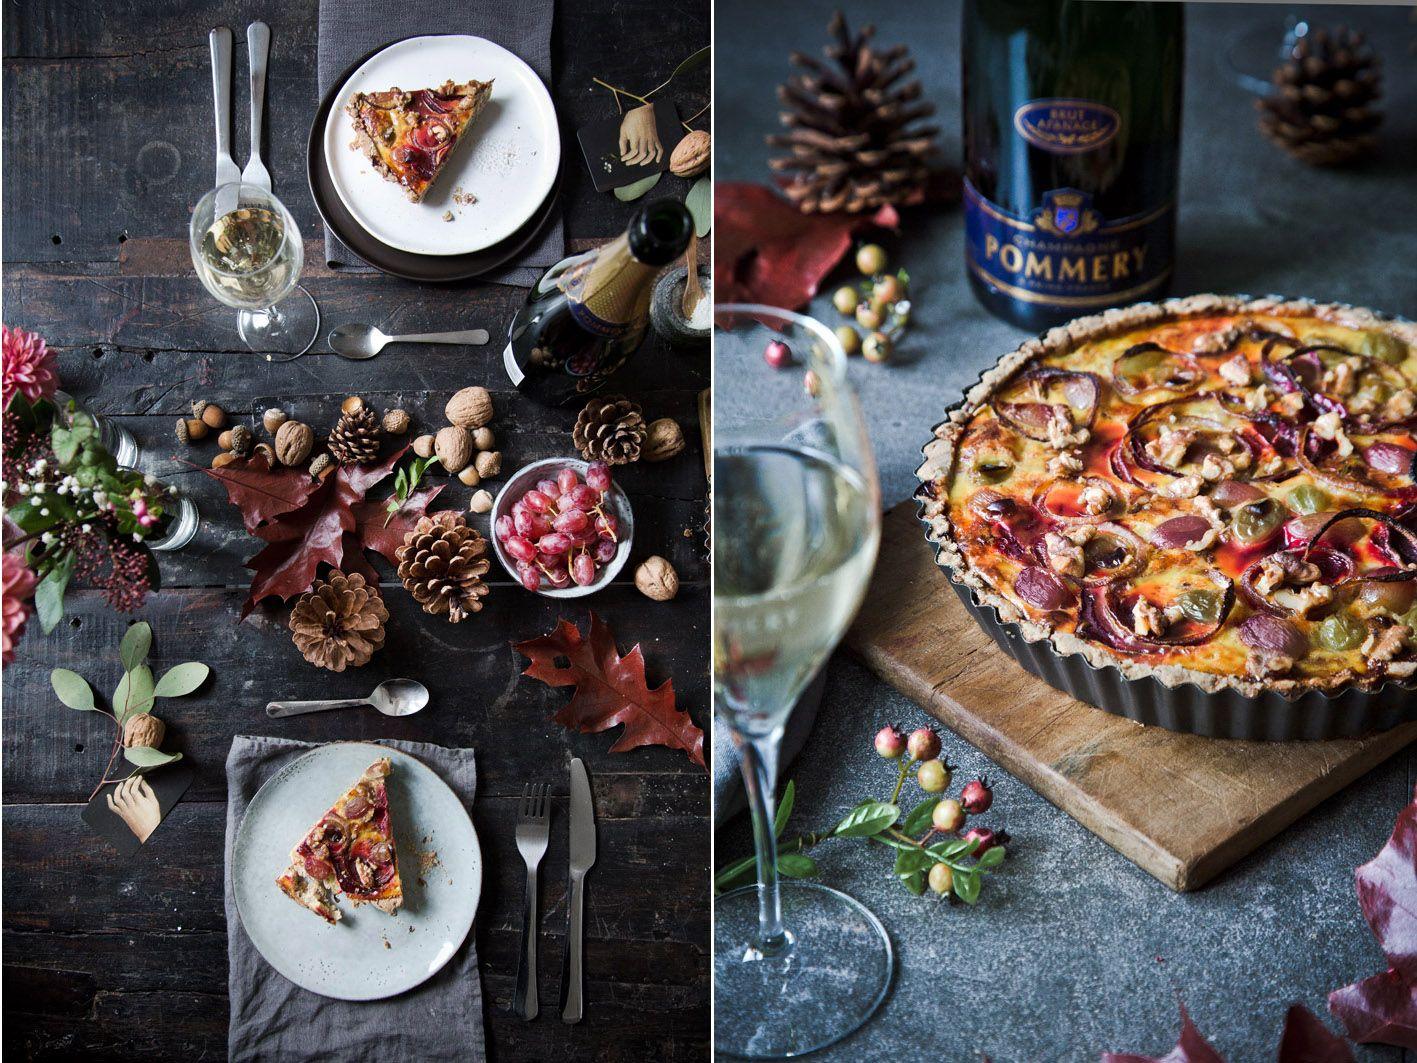 Herbstliches Dinner mit Winzerquiche und Champagner. #falldinnerrecipes